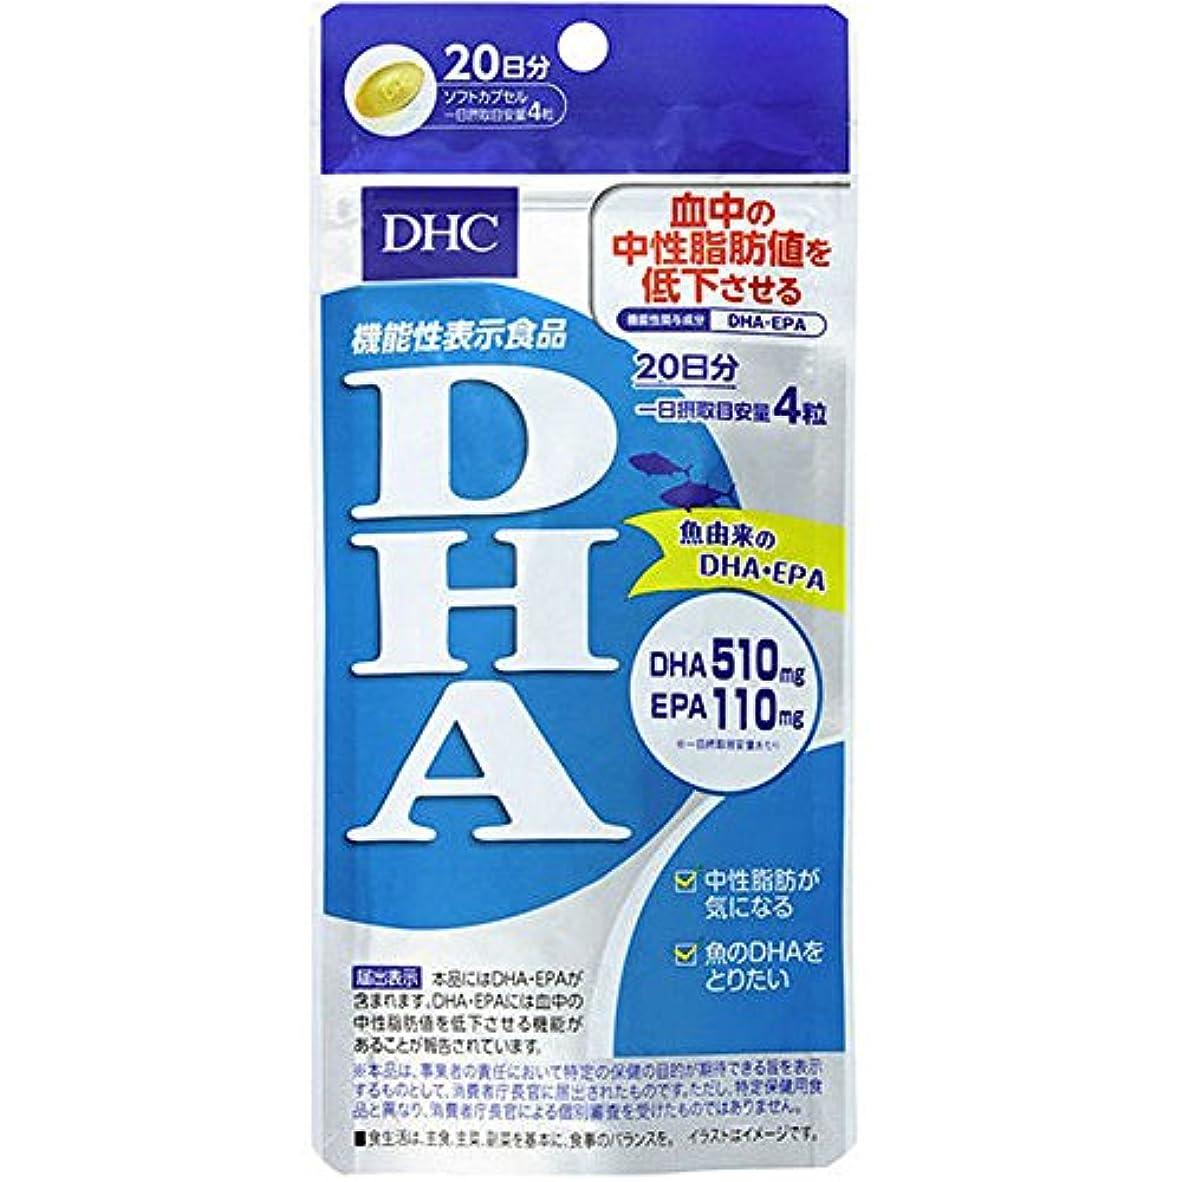 句読点死出身地DHC DHA 20日分 80粒 【機能性表示食品】